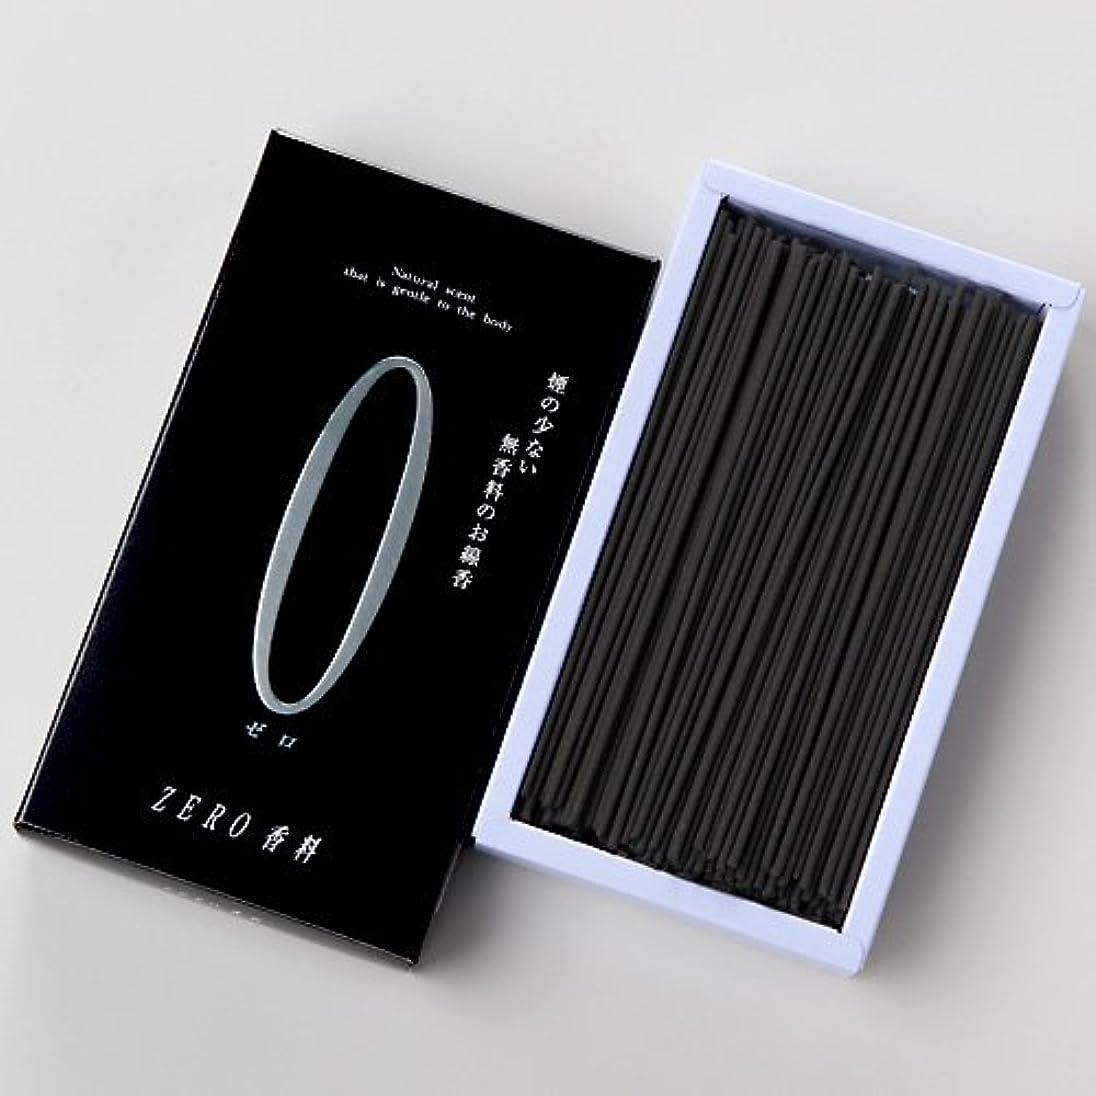 叫ぶ広告する花極 ZERO 香料 130g 黒 奥野晴明堂